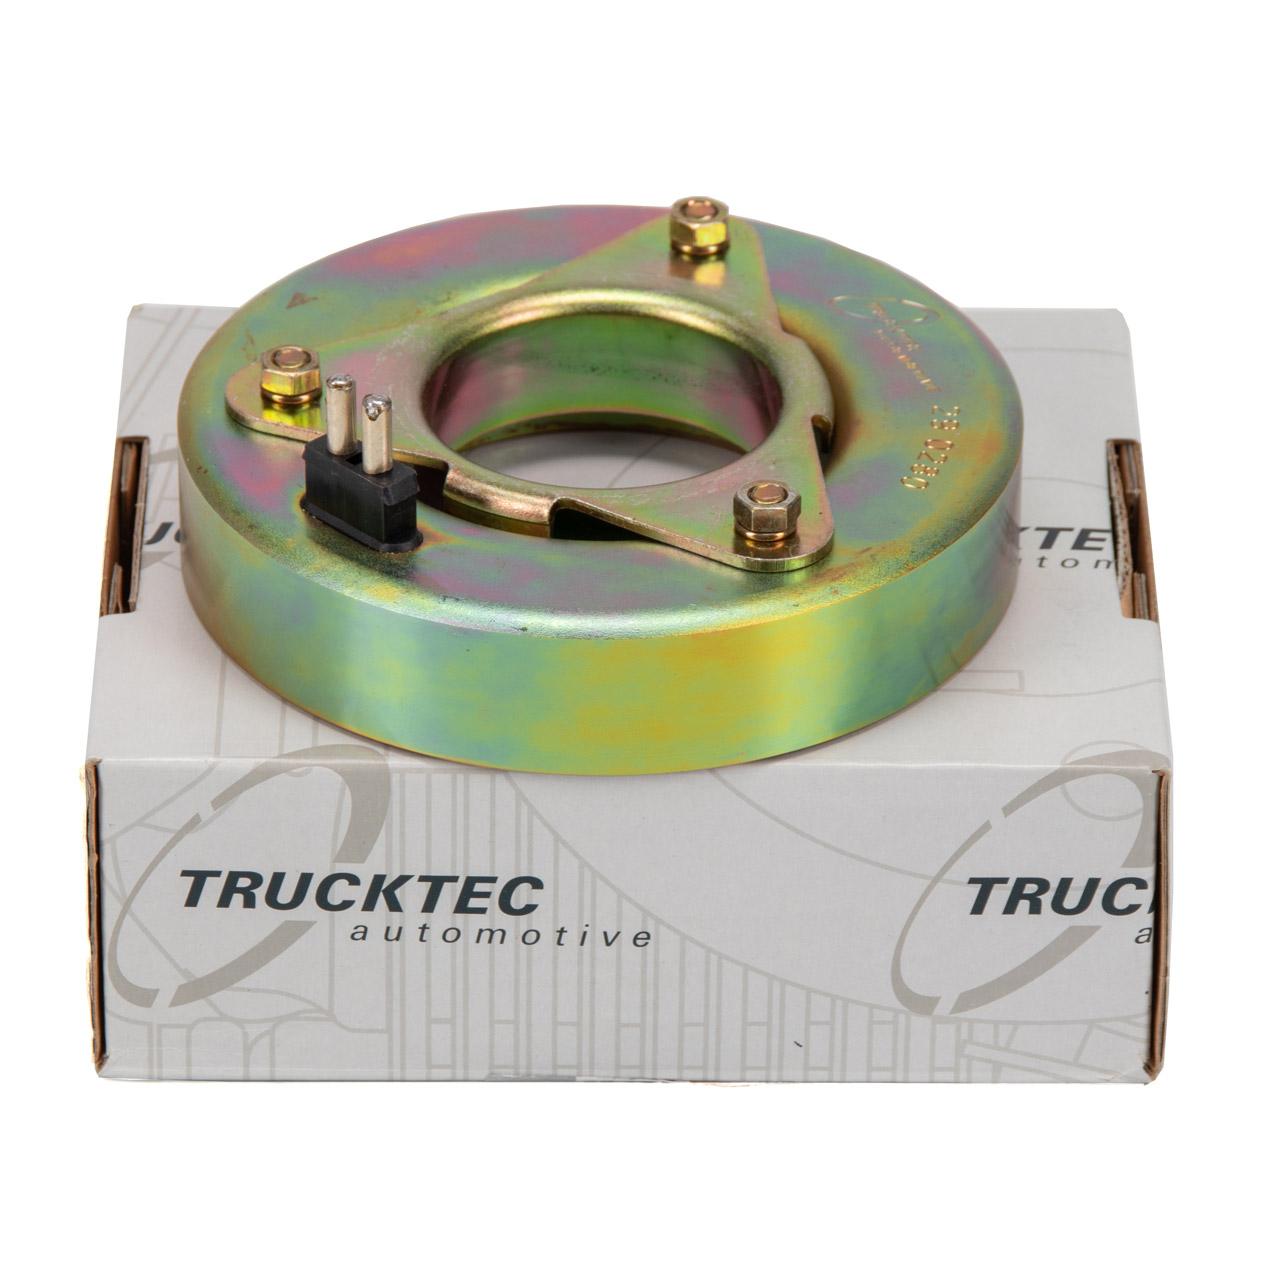 TRUCKTEC MAGNETKUPPLUNG KÜHLUNG MERCEDES 190 W201 E1.8-2.5 W124 200-230 1022000677